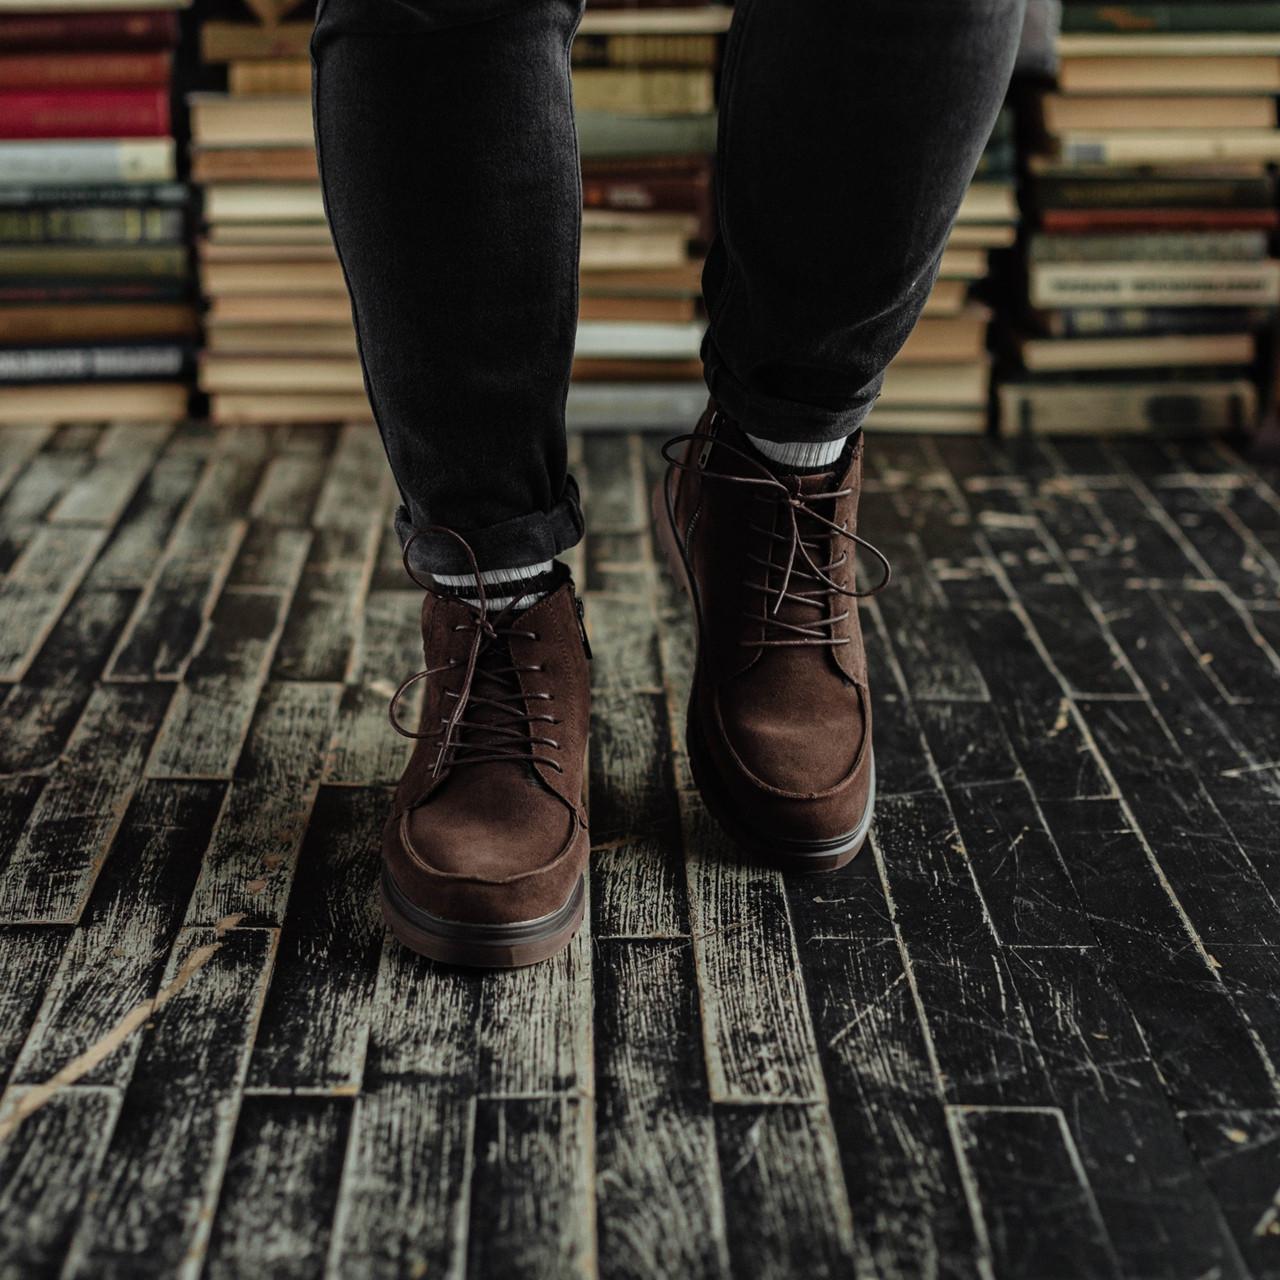 Чоловічі зимові черевики South Flip coffe. Натуральна замша і хутро. Преміум якість